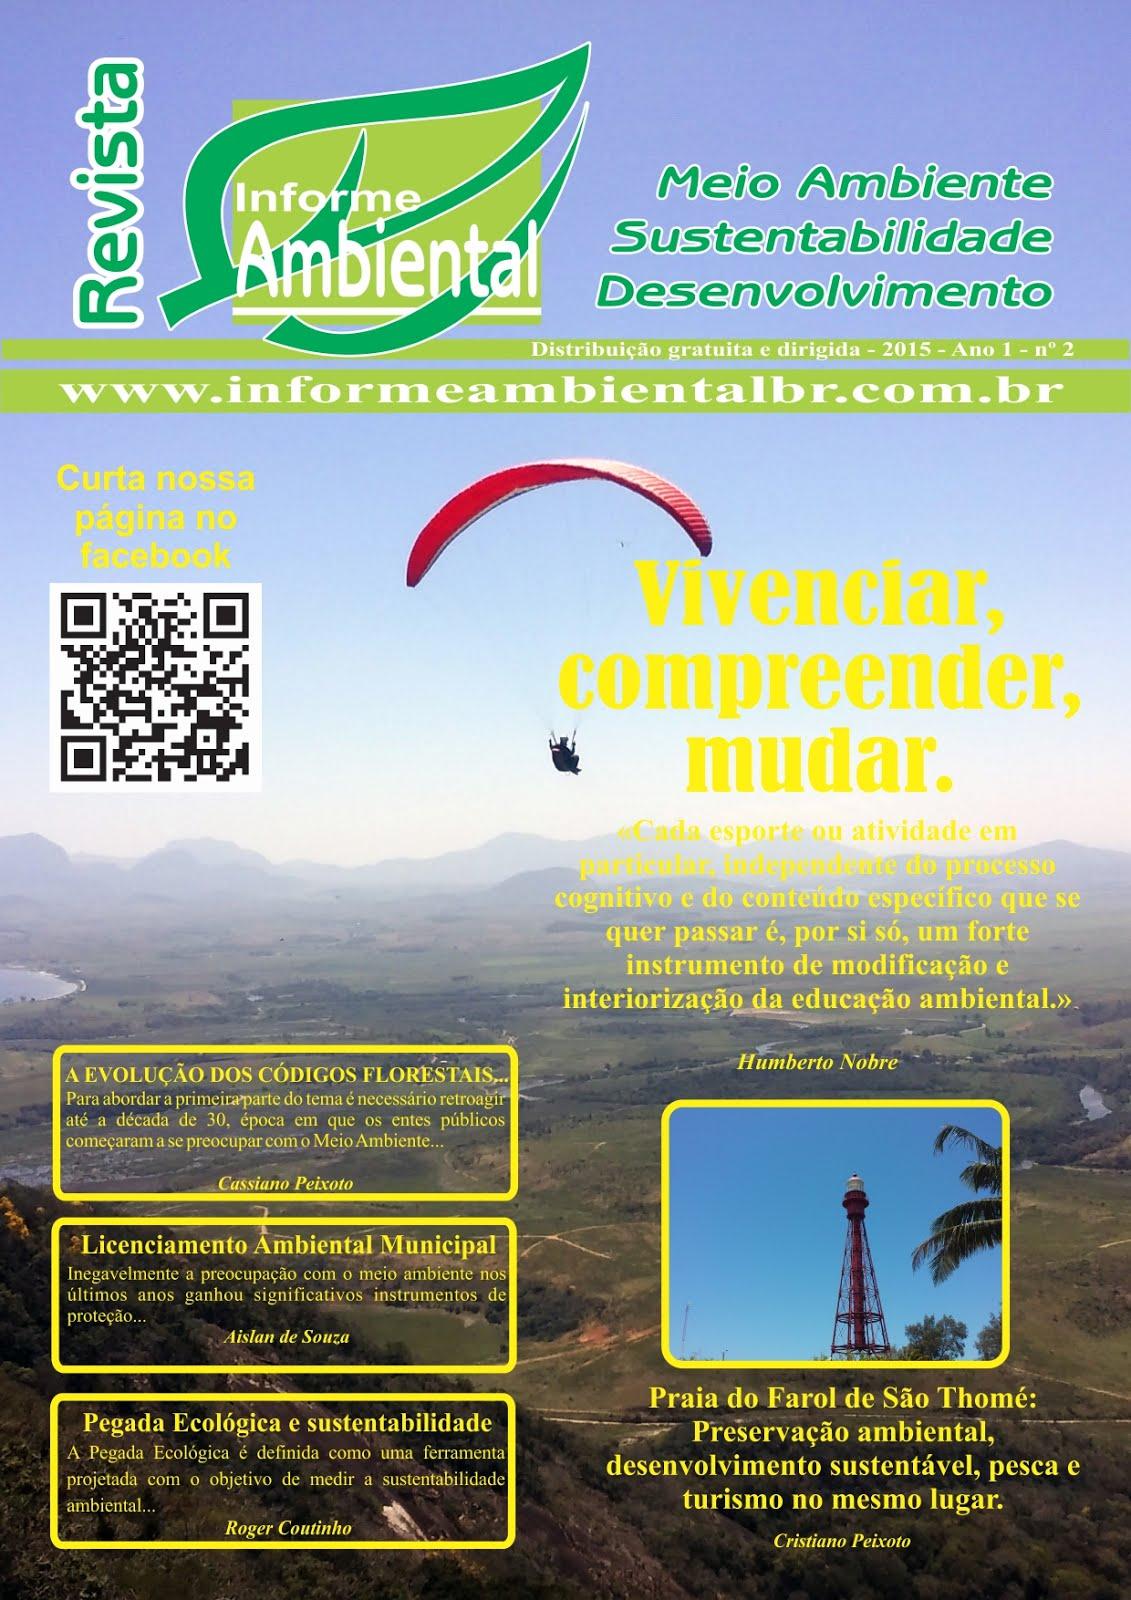 Revista Informe Ambiental - 2